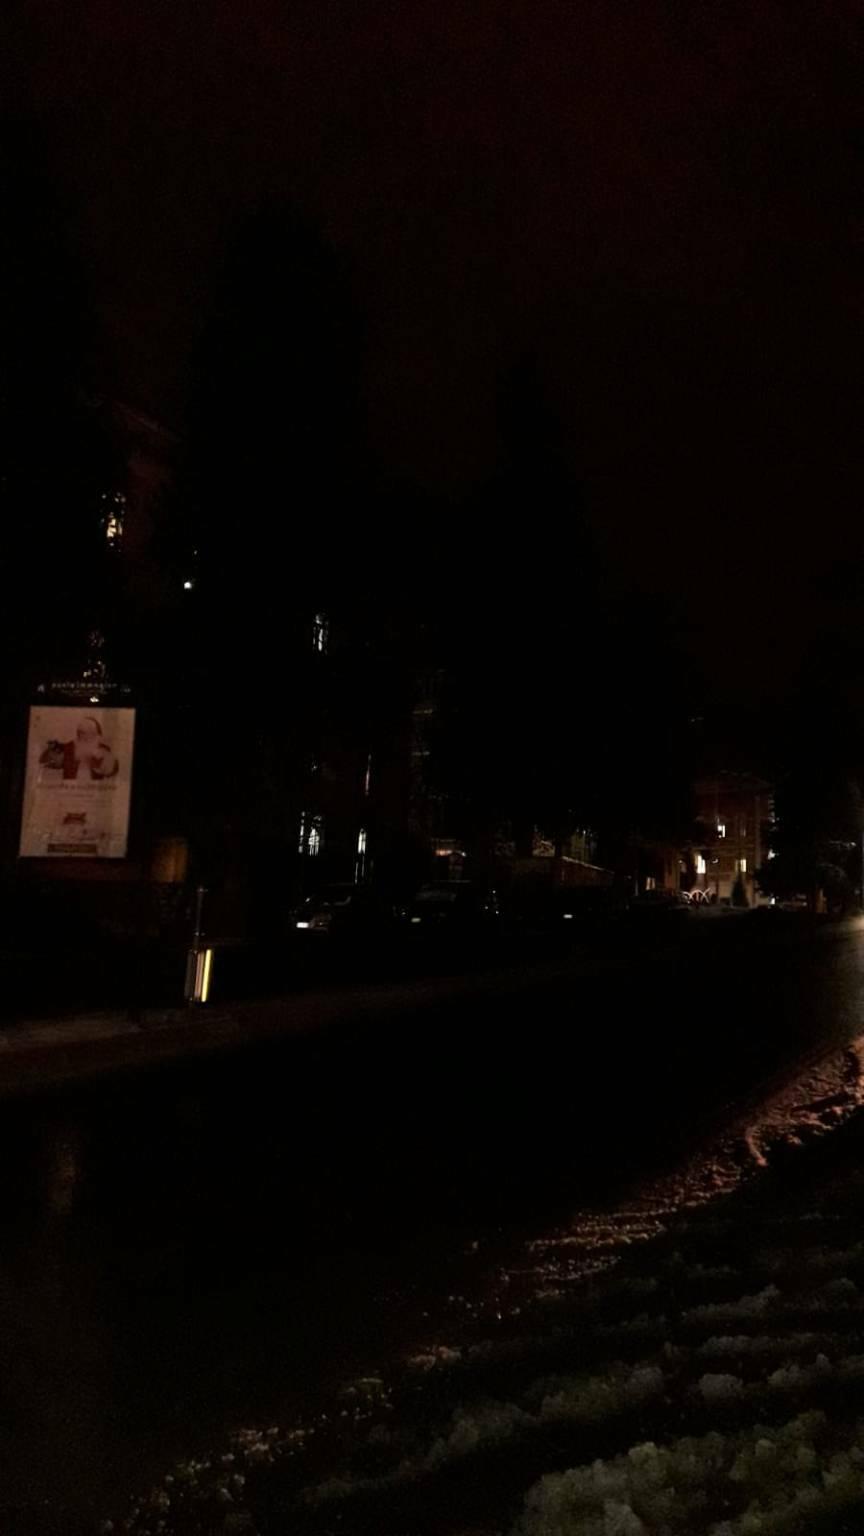 strade al buio